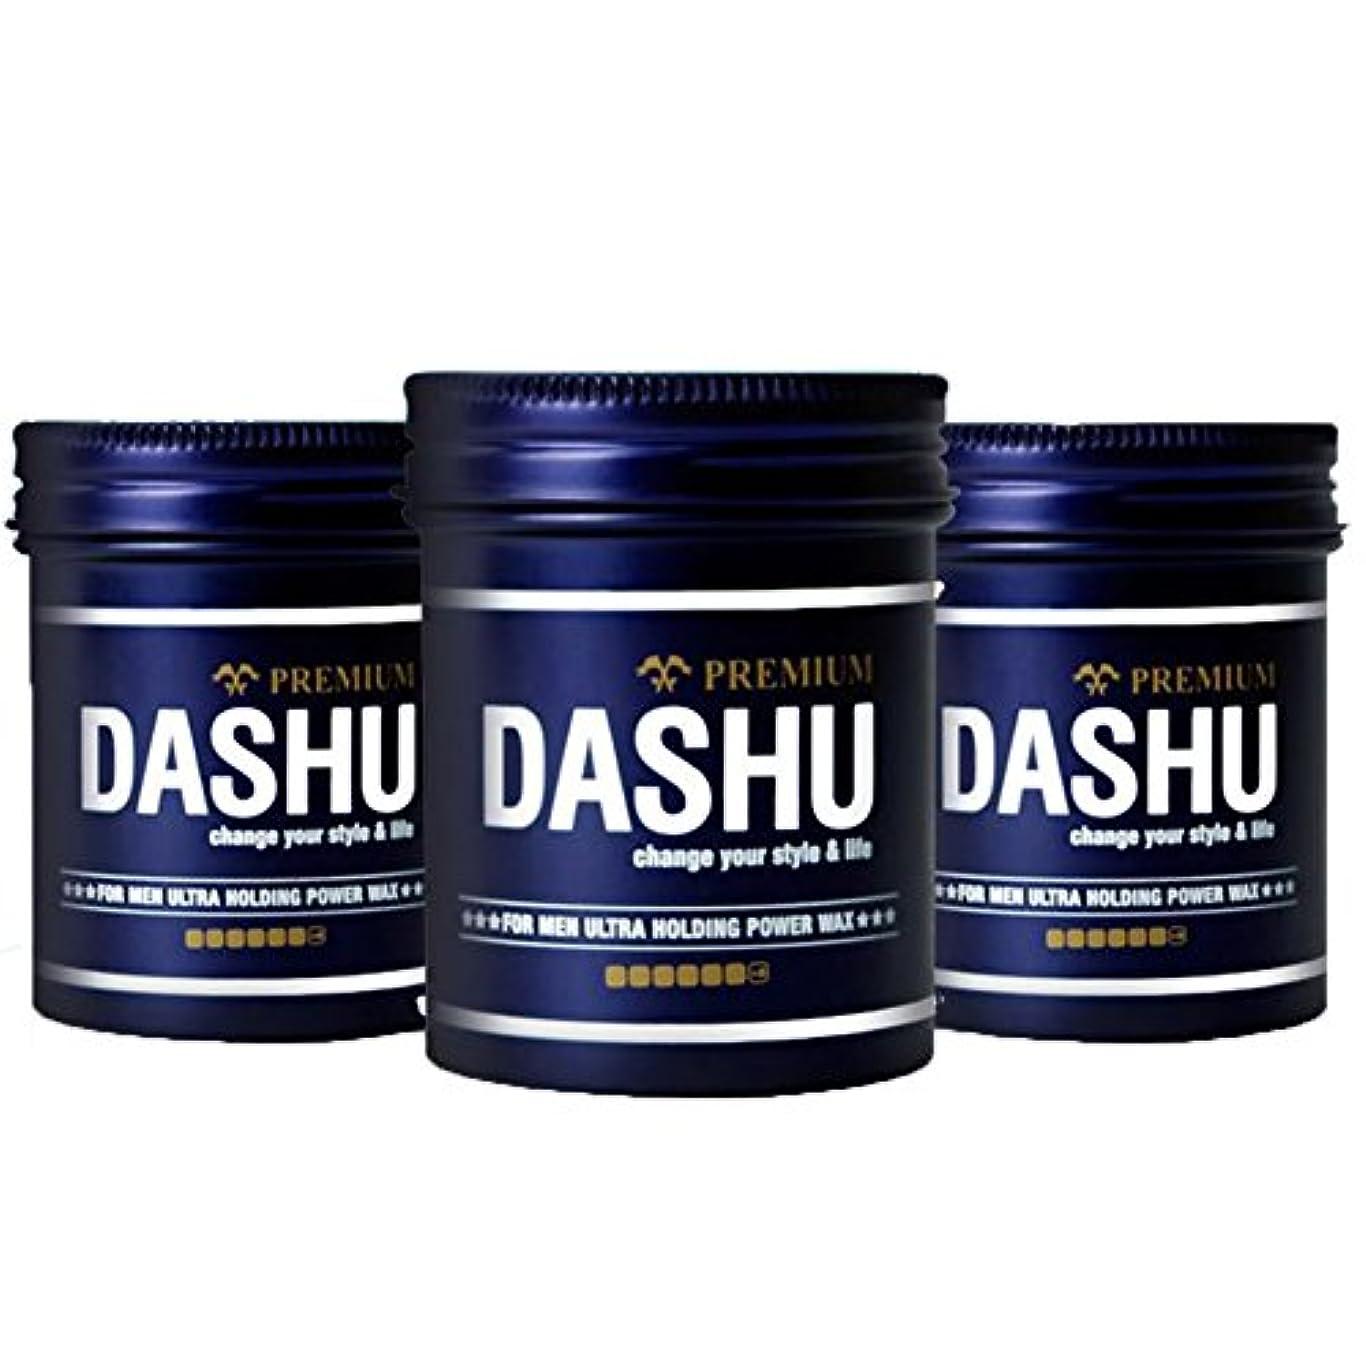 ポインタもろい毛細血管(3個セット) x [DASHU] ダシュ For Men男性用 プレミアムウルトラホールディングパワーワックス Premium Ultra Holding Power Hair Wax 100m l/ 韓国製 . 韓国直送品